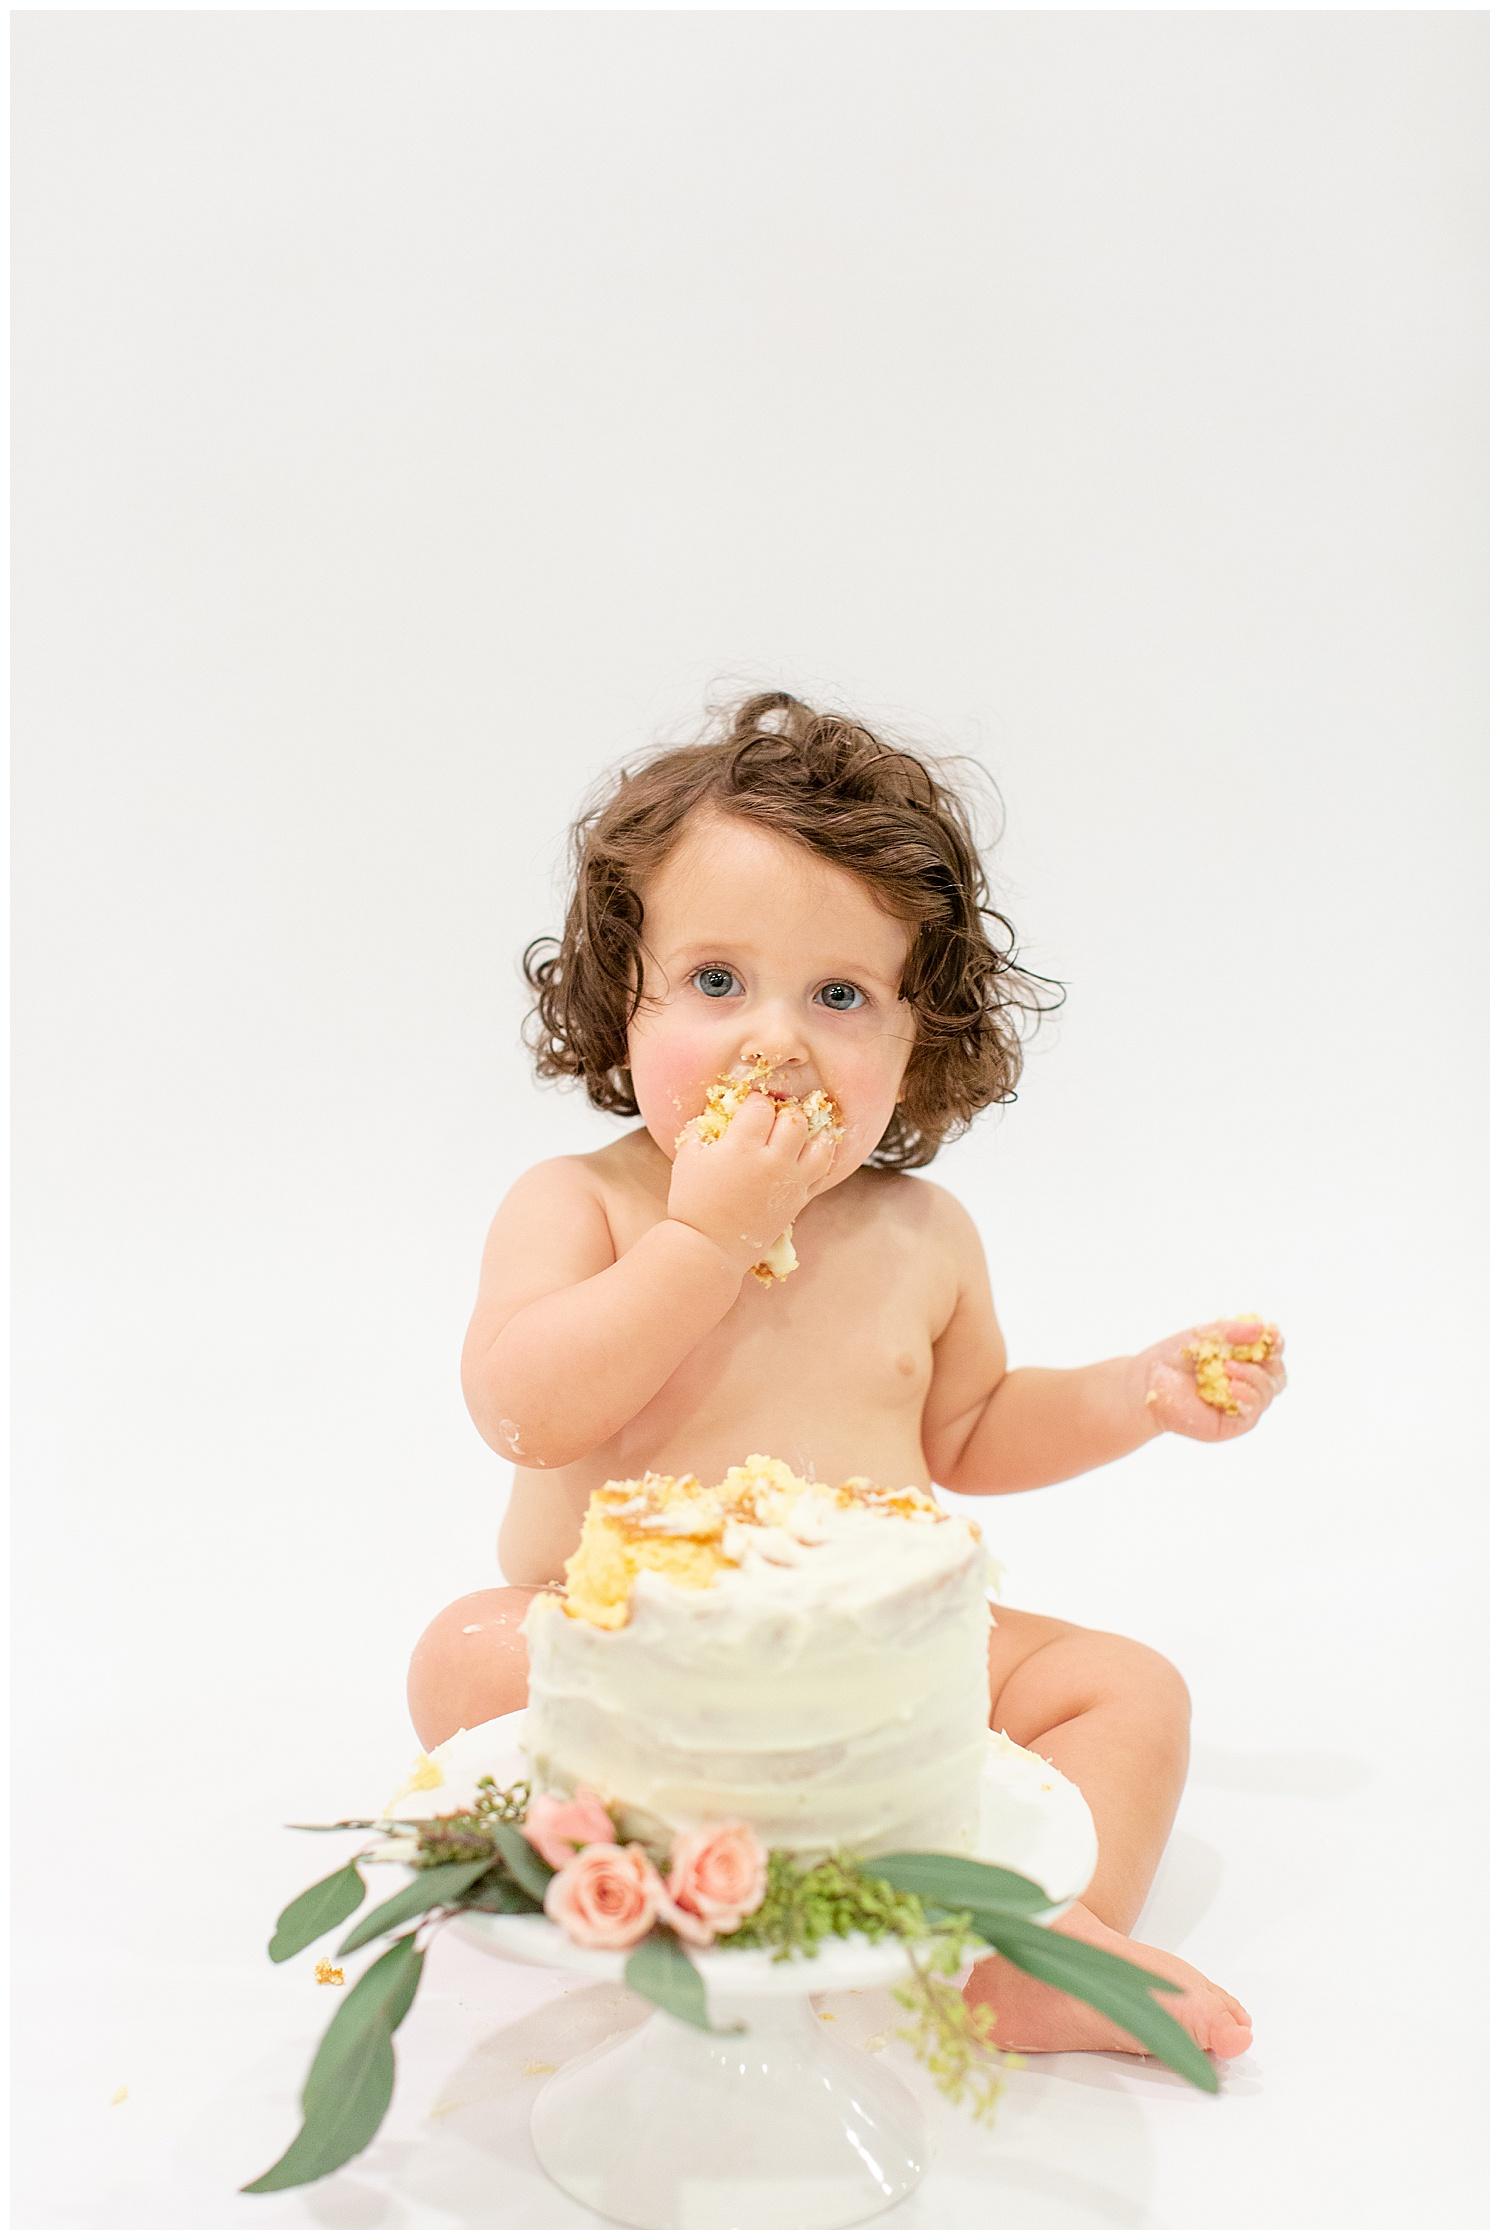 emily-belson-photography-washington-dc-baby-cake-smash-14.jpg